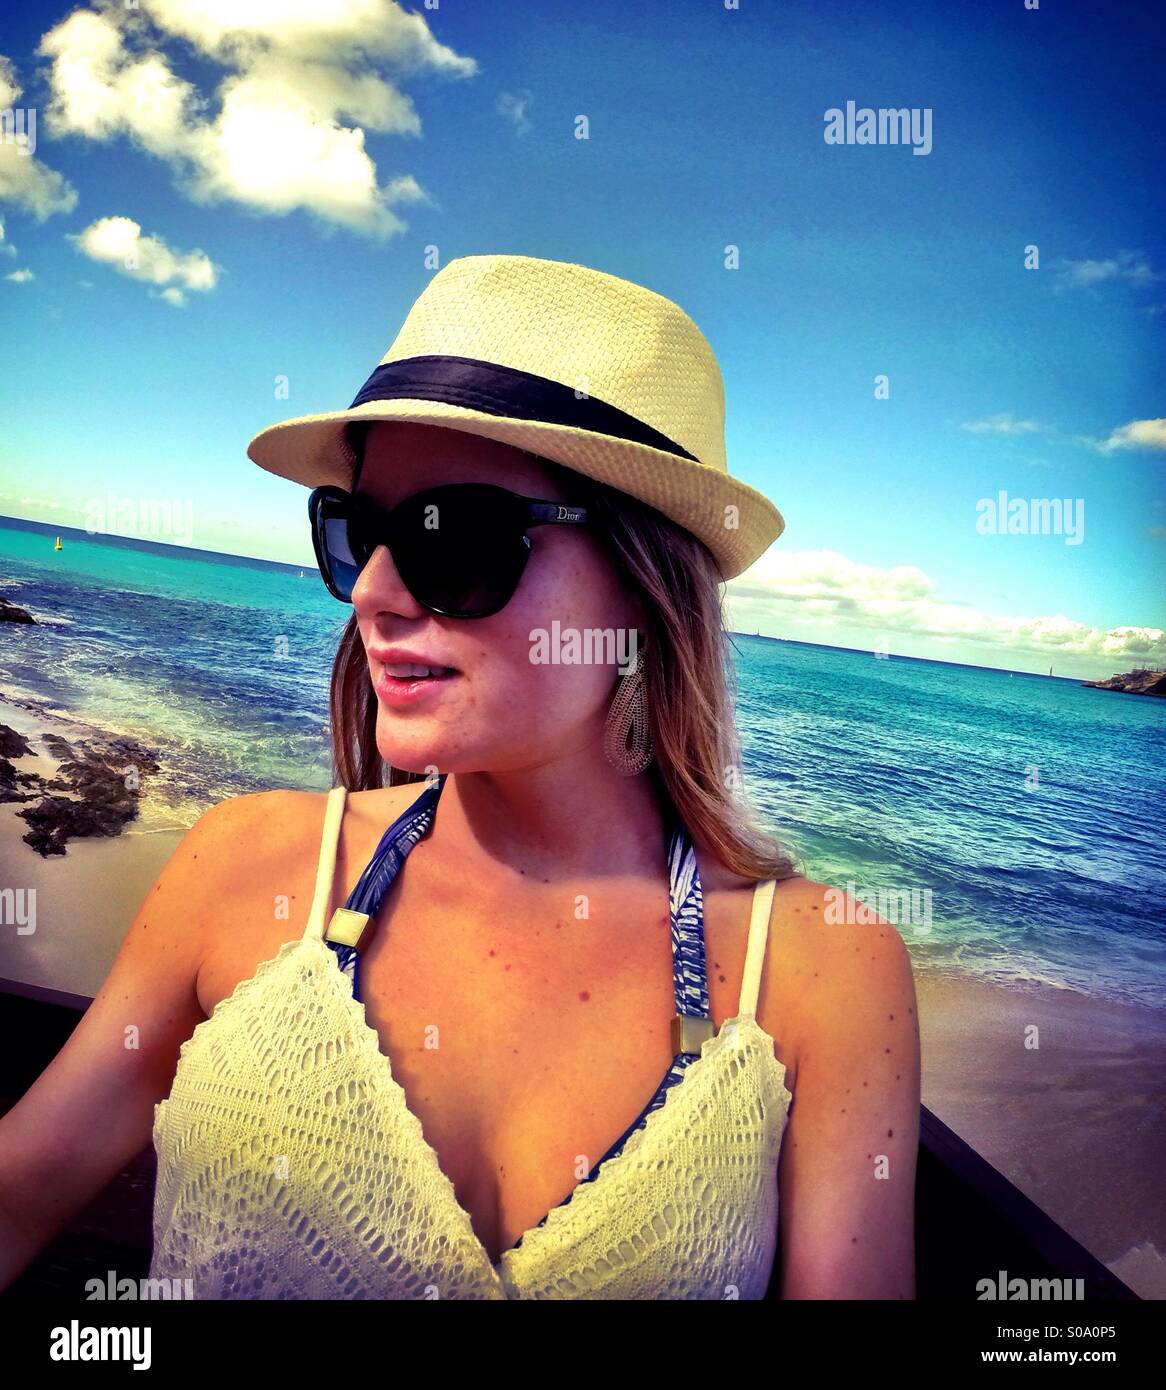 Caribe Islas Saint Maarten retrato - moda, playa, viajes, vida y estilo Imagen De Stock